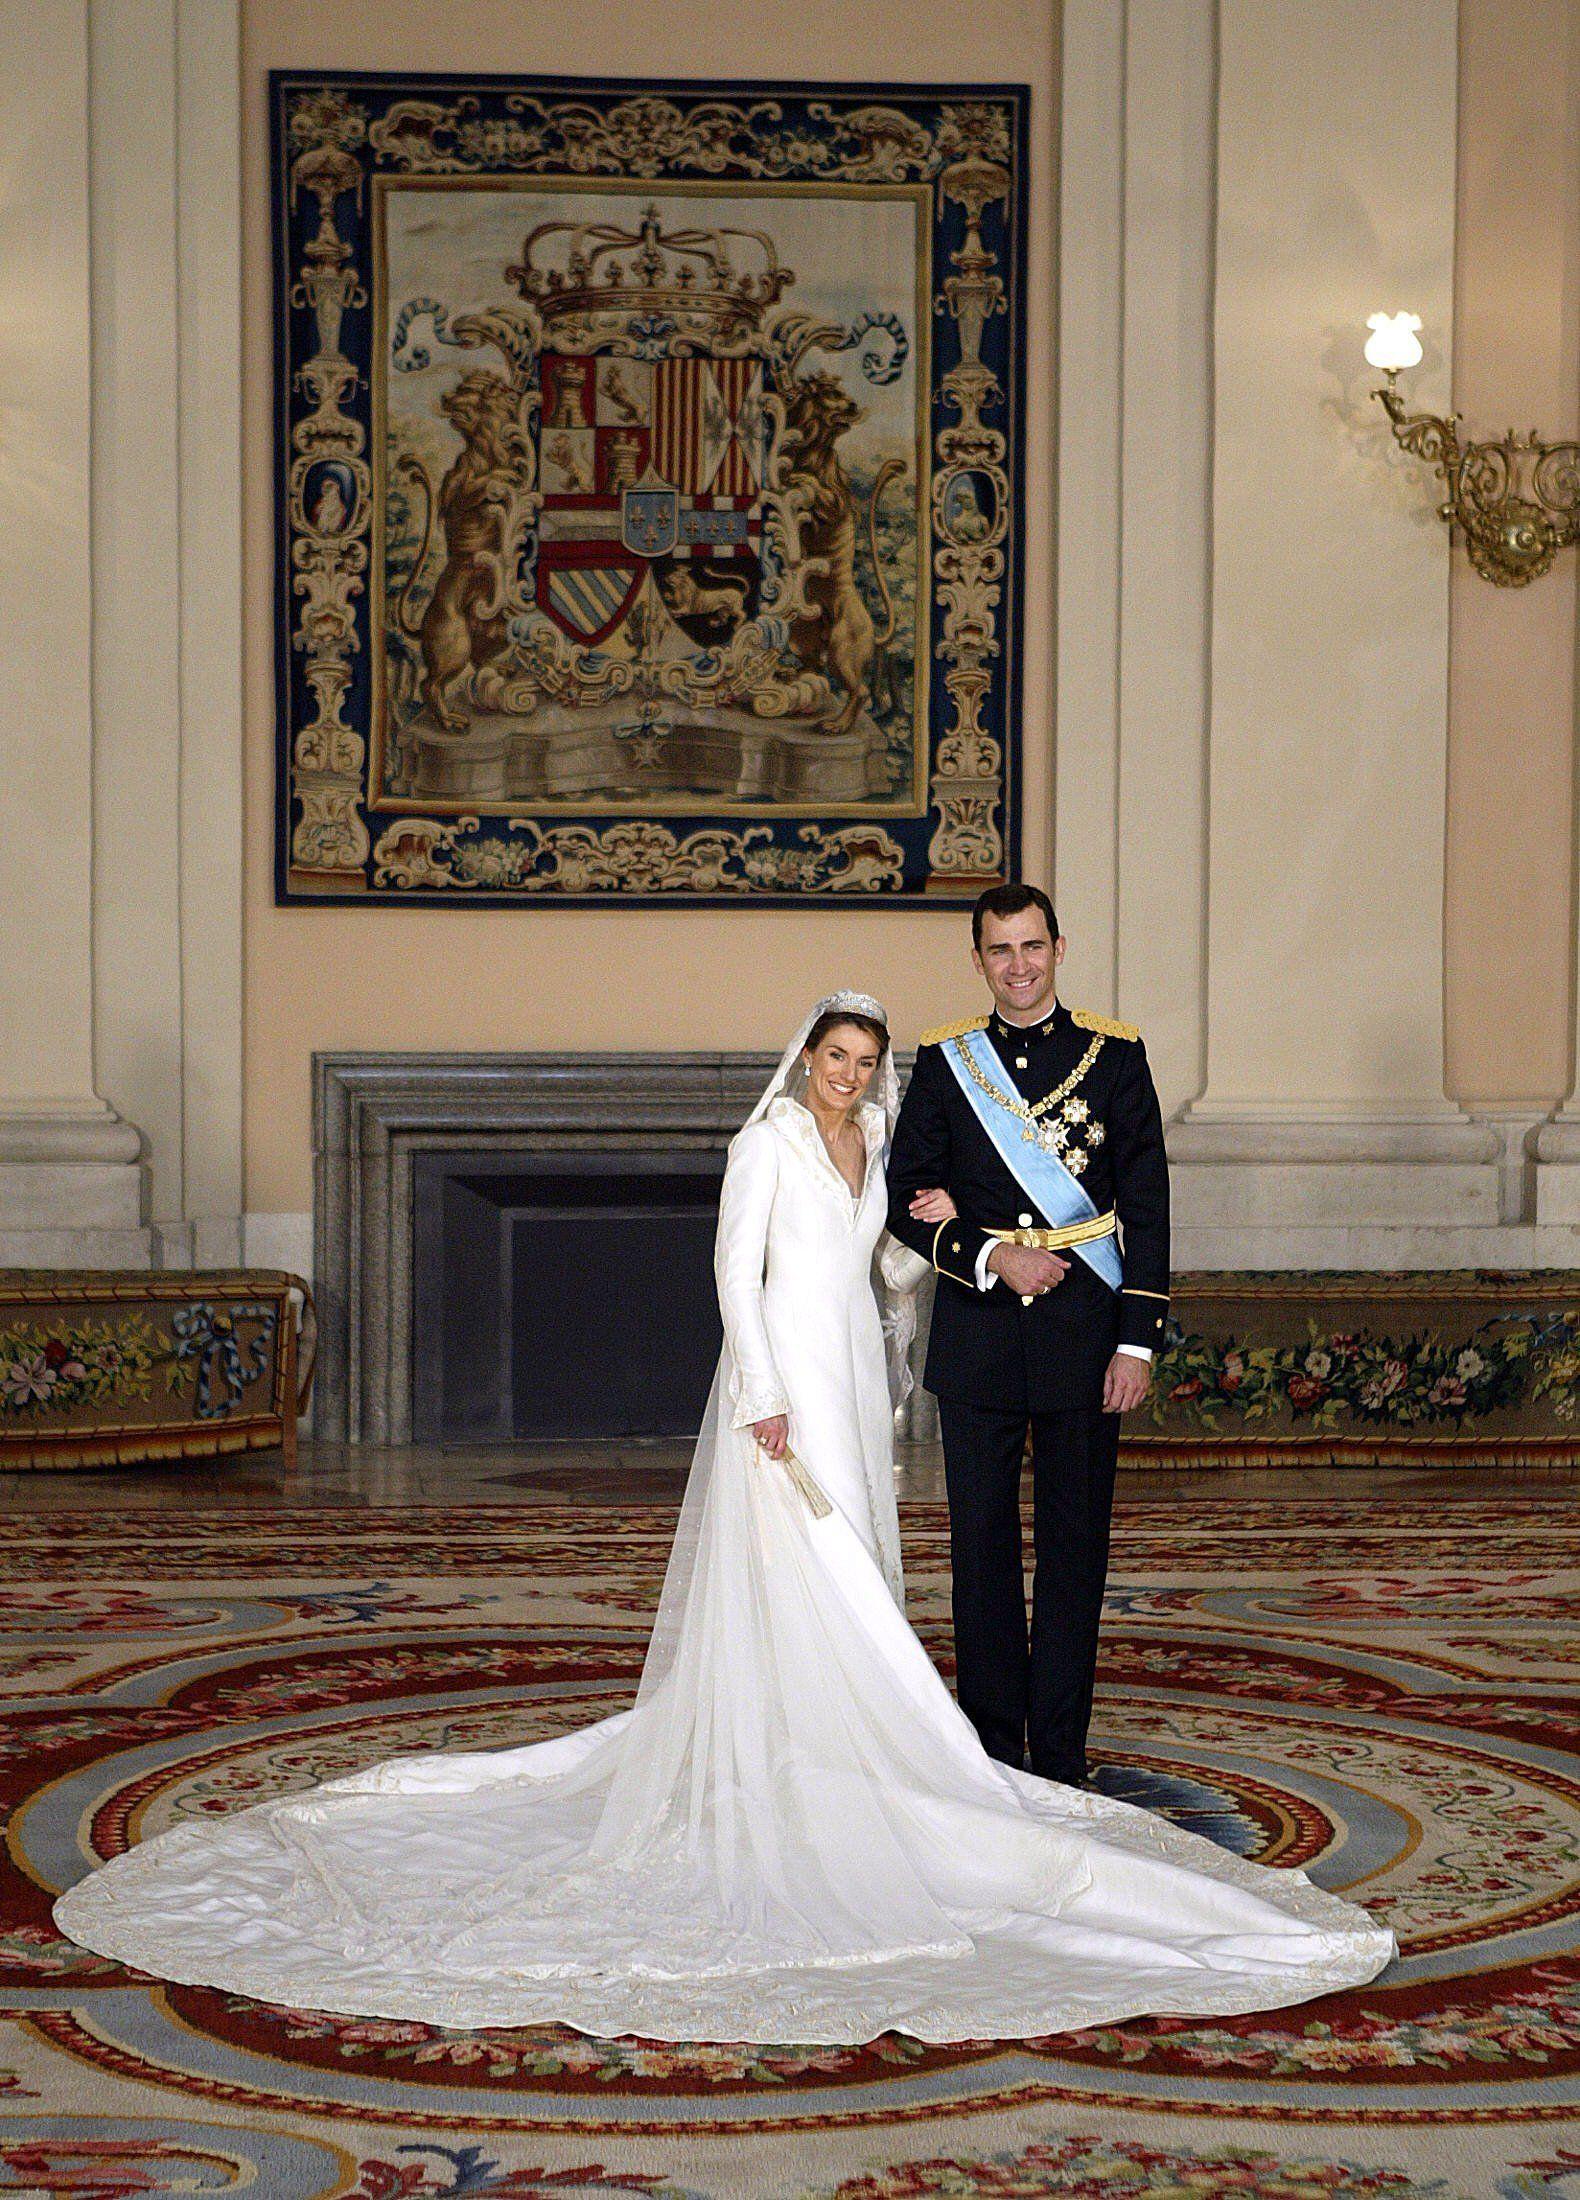 POPSUGAR UK  Königliche hochzeitskleider, Spanische hochzeit